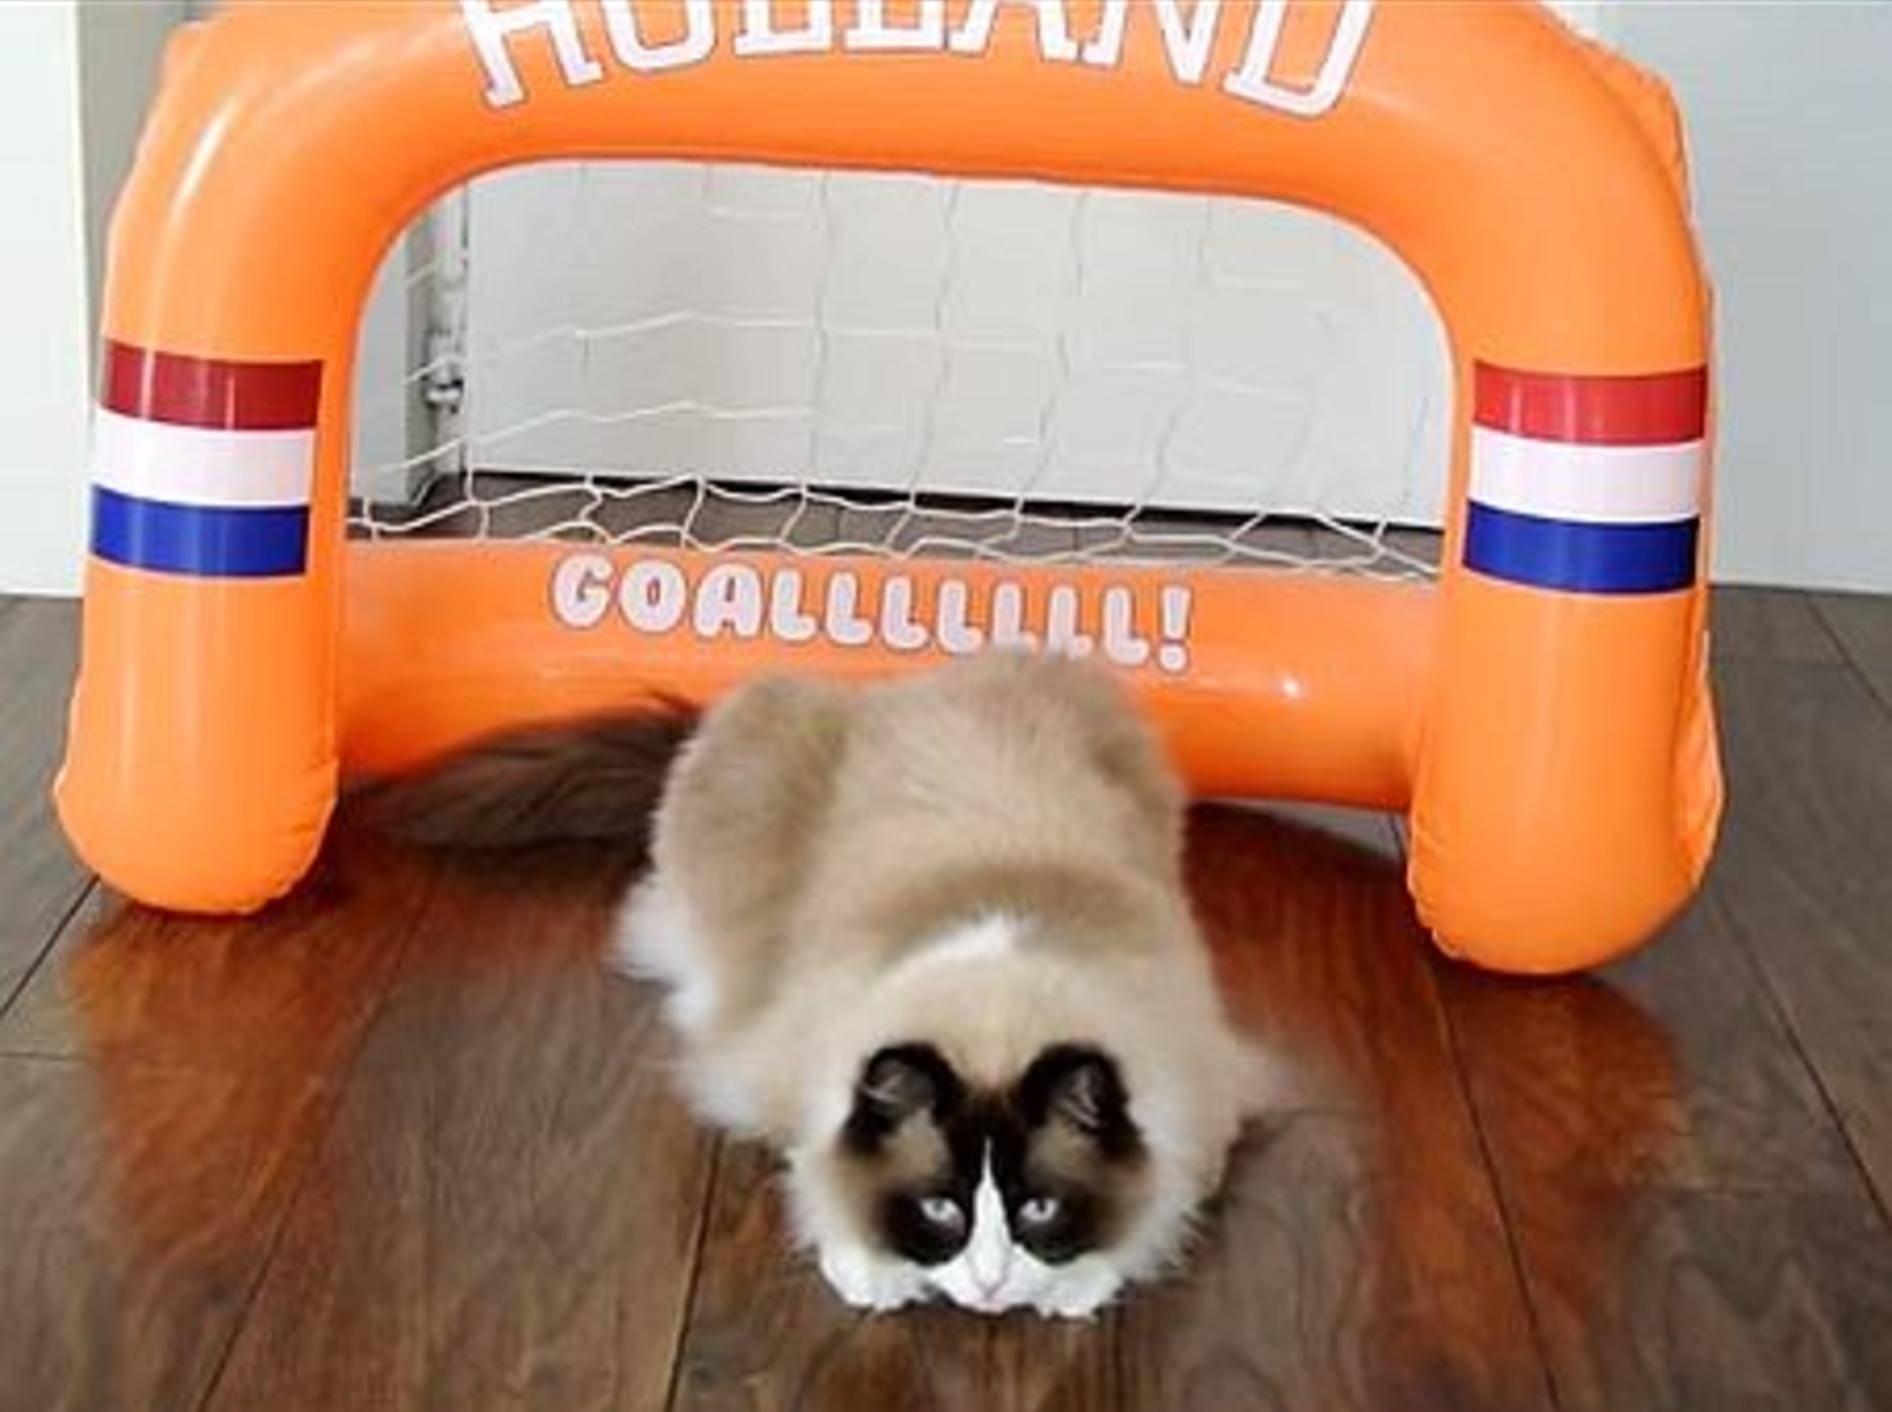 Ragdoll-Kater Timo ist bereit für die WM – Bild: Youtube / Xiedubbel